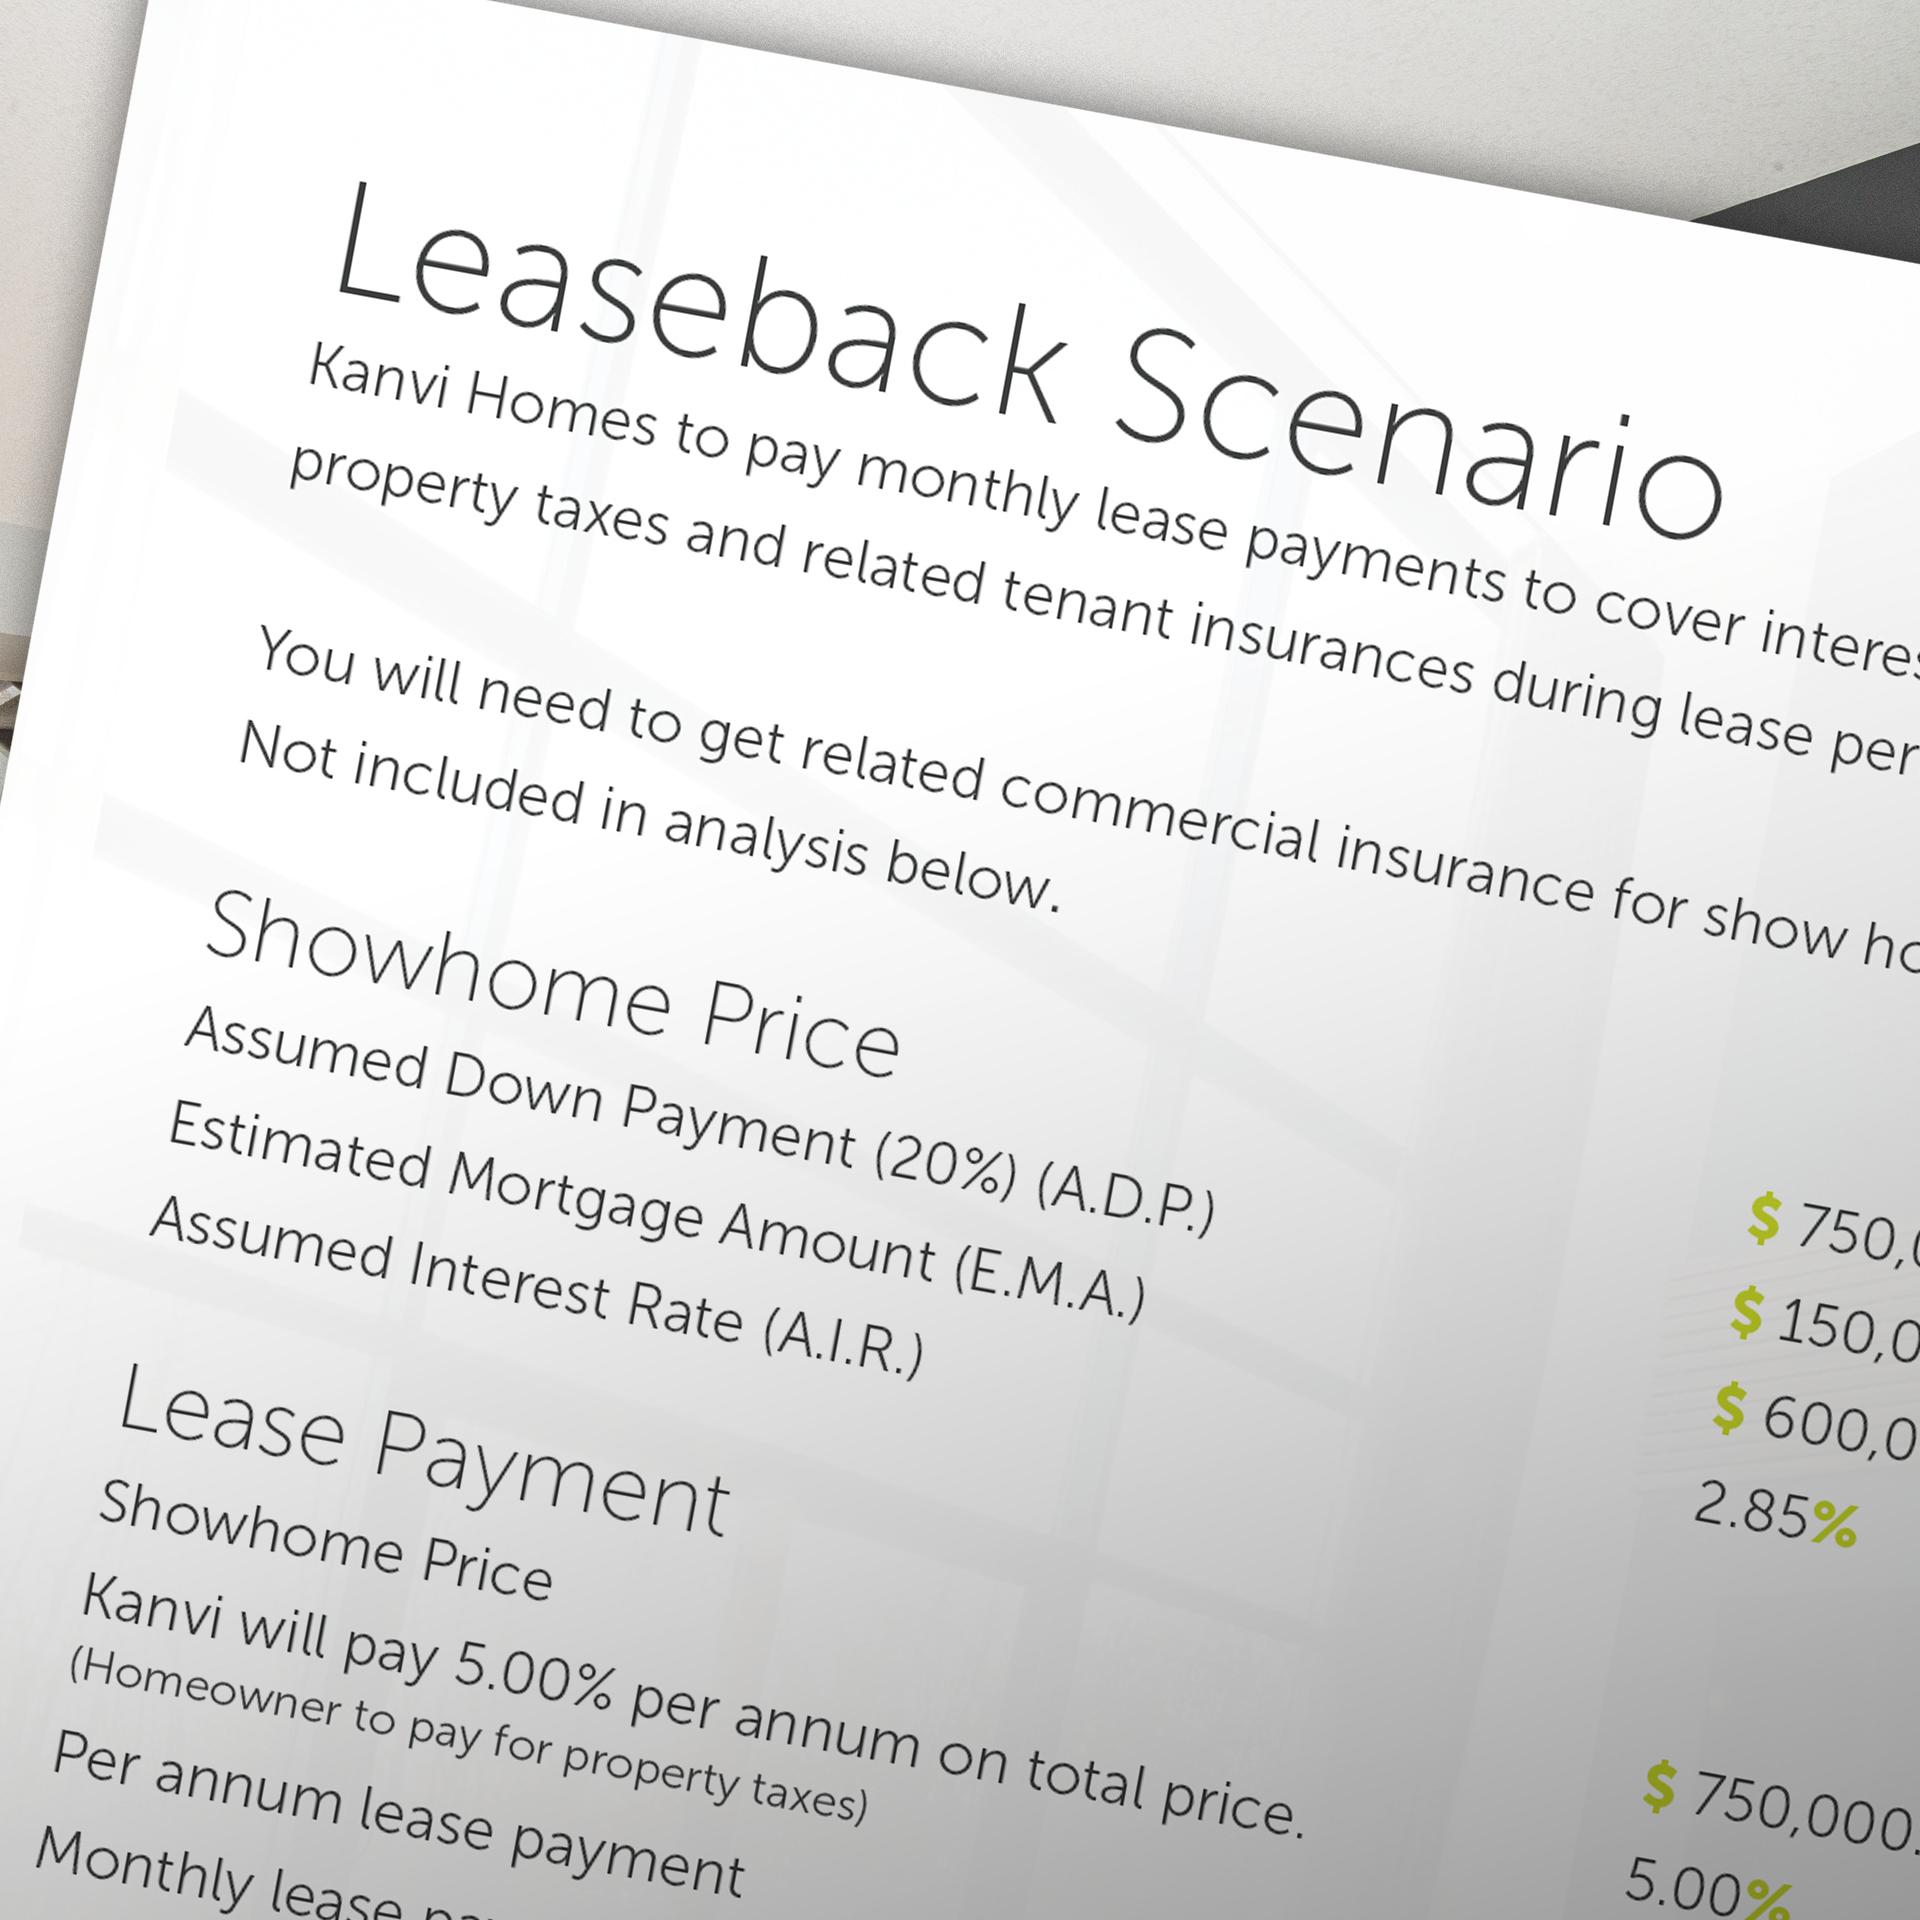 leaseback-1